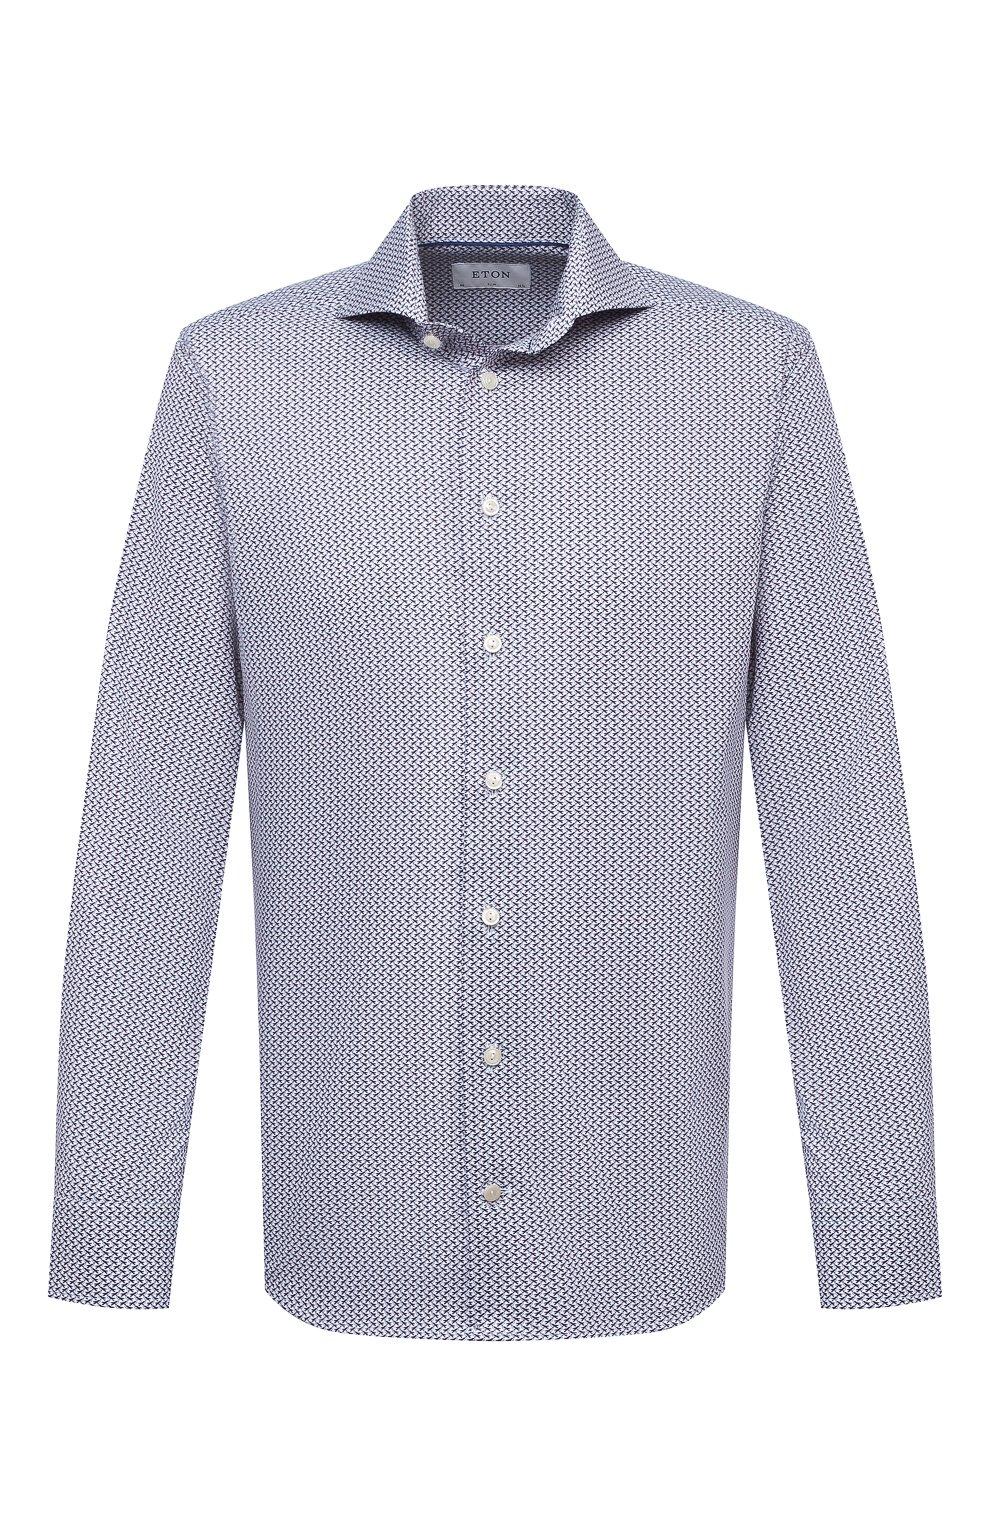 Мужская хлопковая сорочка ETON синего цвета, арт. 1000 02348 | Фото 1 (Манжеты: На пуговицах; Рукава: Длинные; Воротник: Акула; Длина (для топов): Стандартные; Принт: С принтом; Материал внешний: Хлопок; Стили: Классический; Случай: Формальный)